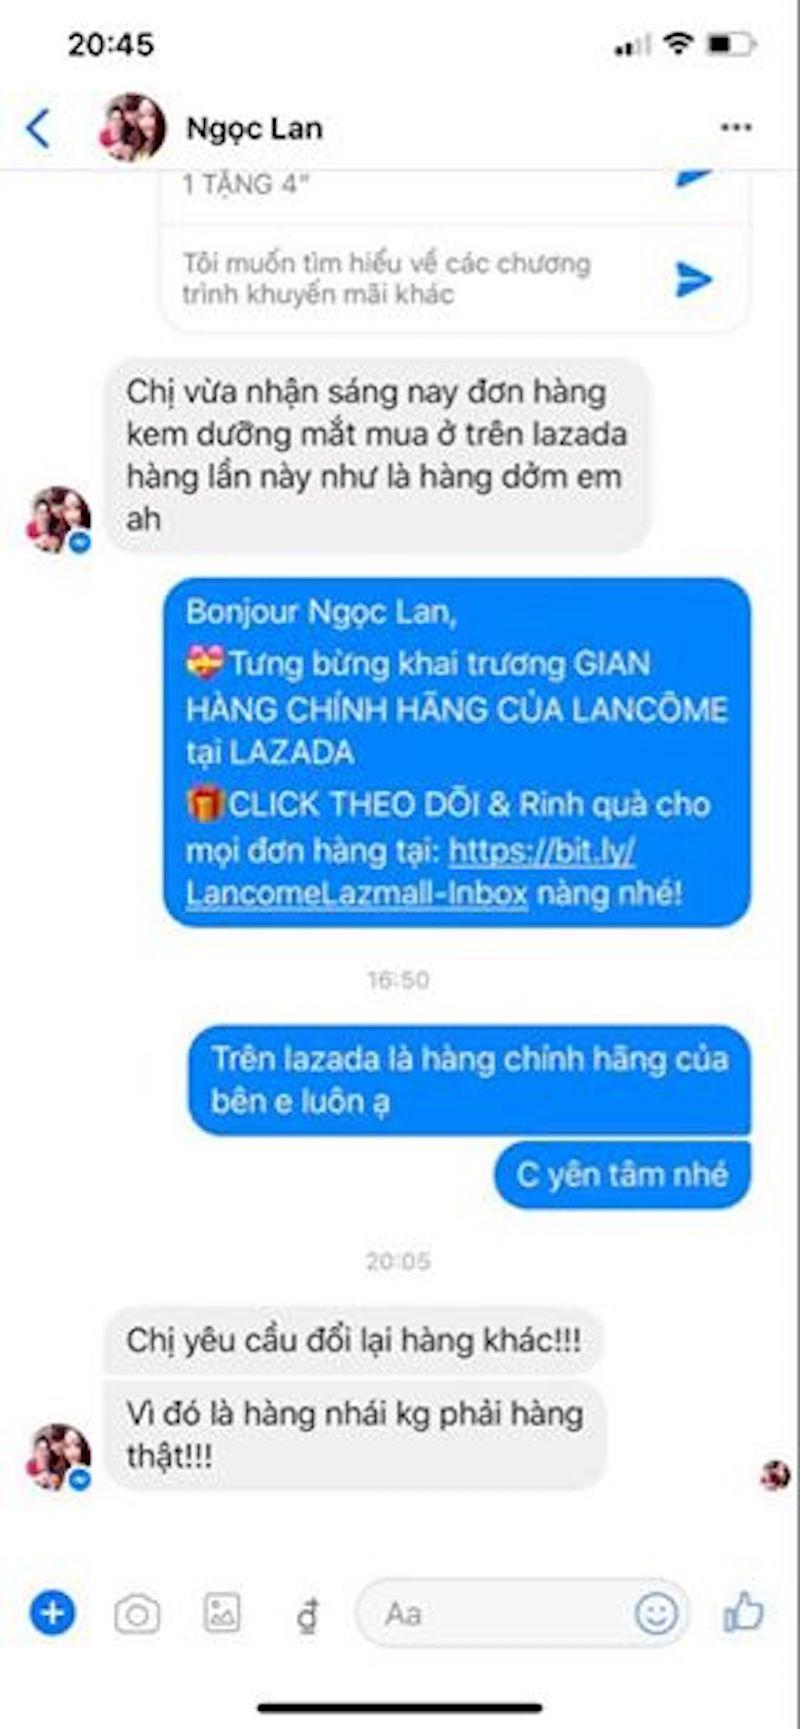 """Lancôme tố hàng loạt Fanpage và website giả mạo bán hàng """"đểu"""" 11"""